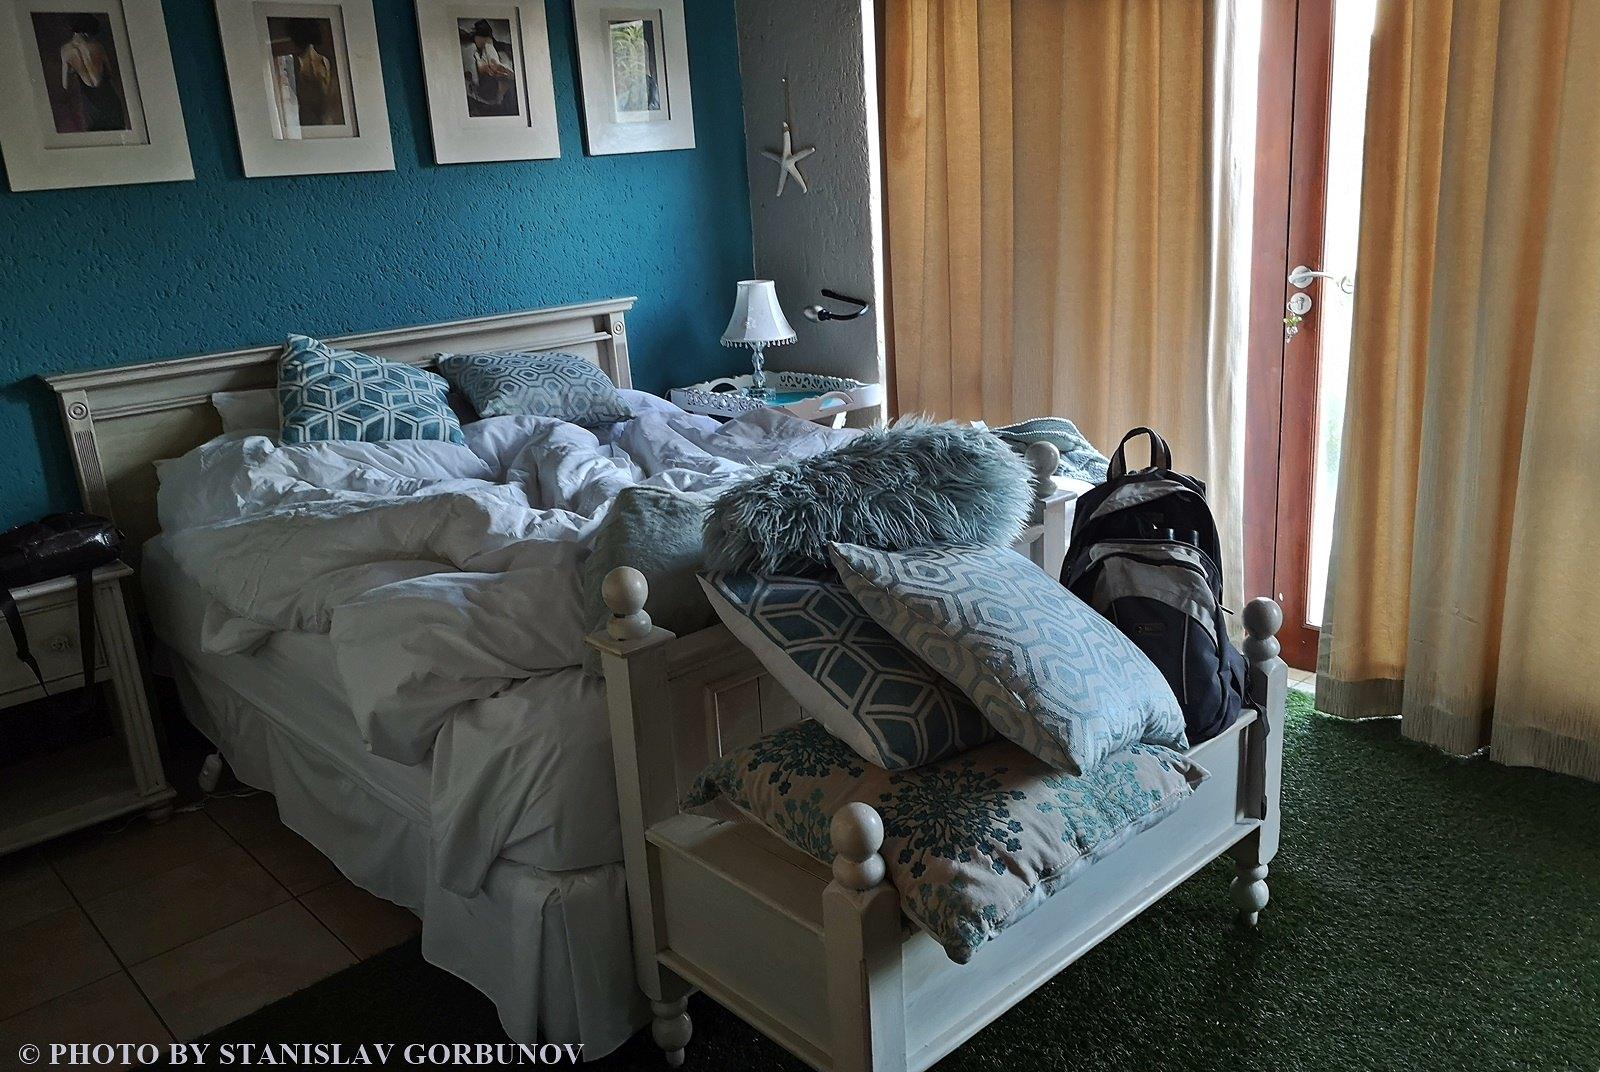 Великолепная девятка гостиниц ЮАР. Это стоит хотя бы один раз увидеть лично! oteli05